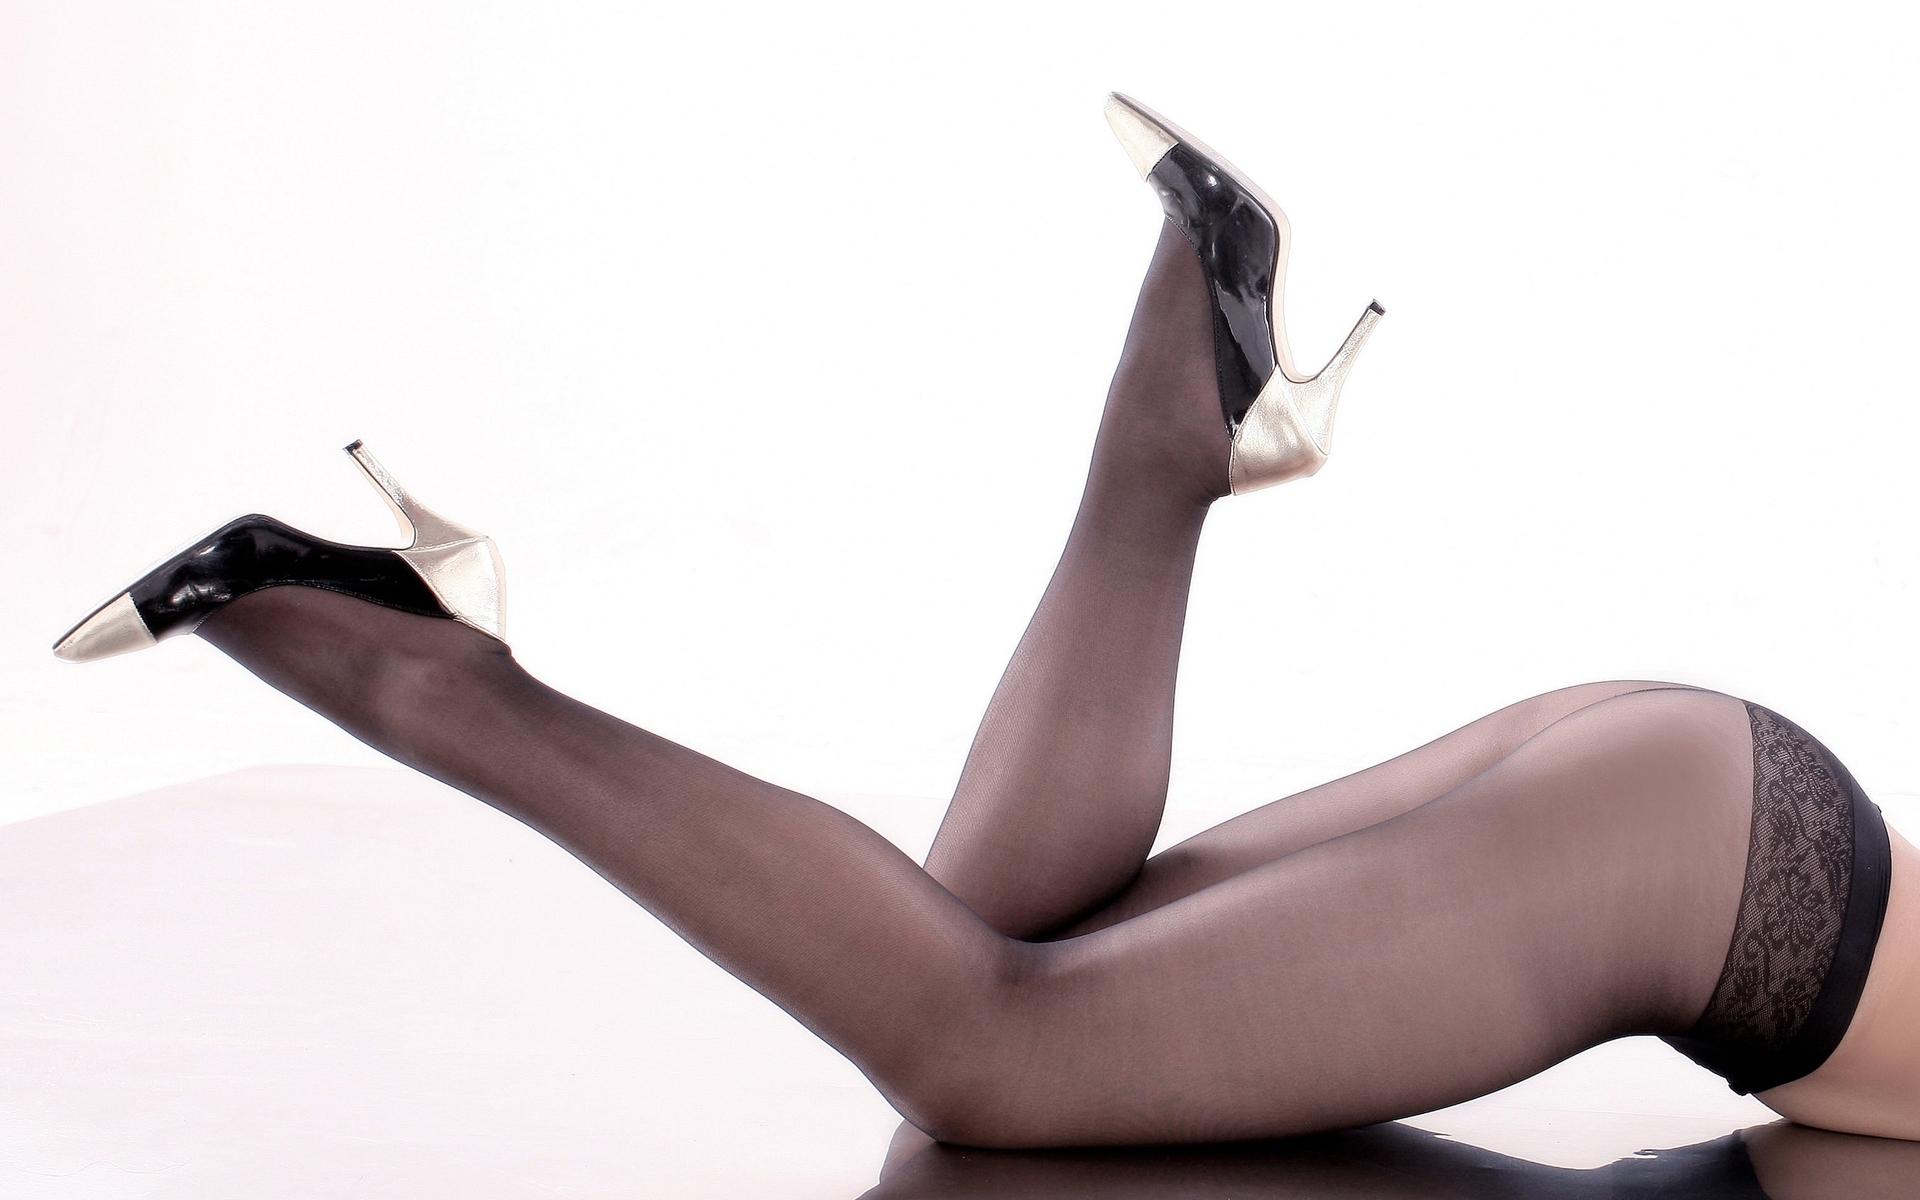 Прикольные картинки женские ножки, 240-320 картинки смешные